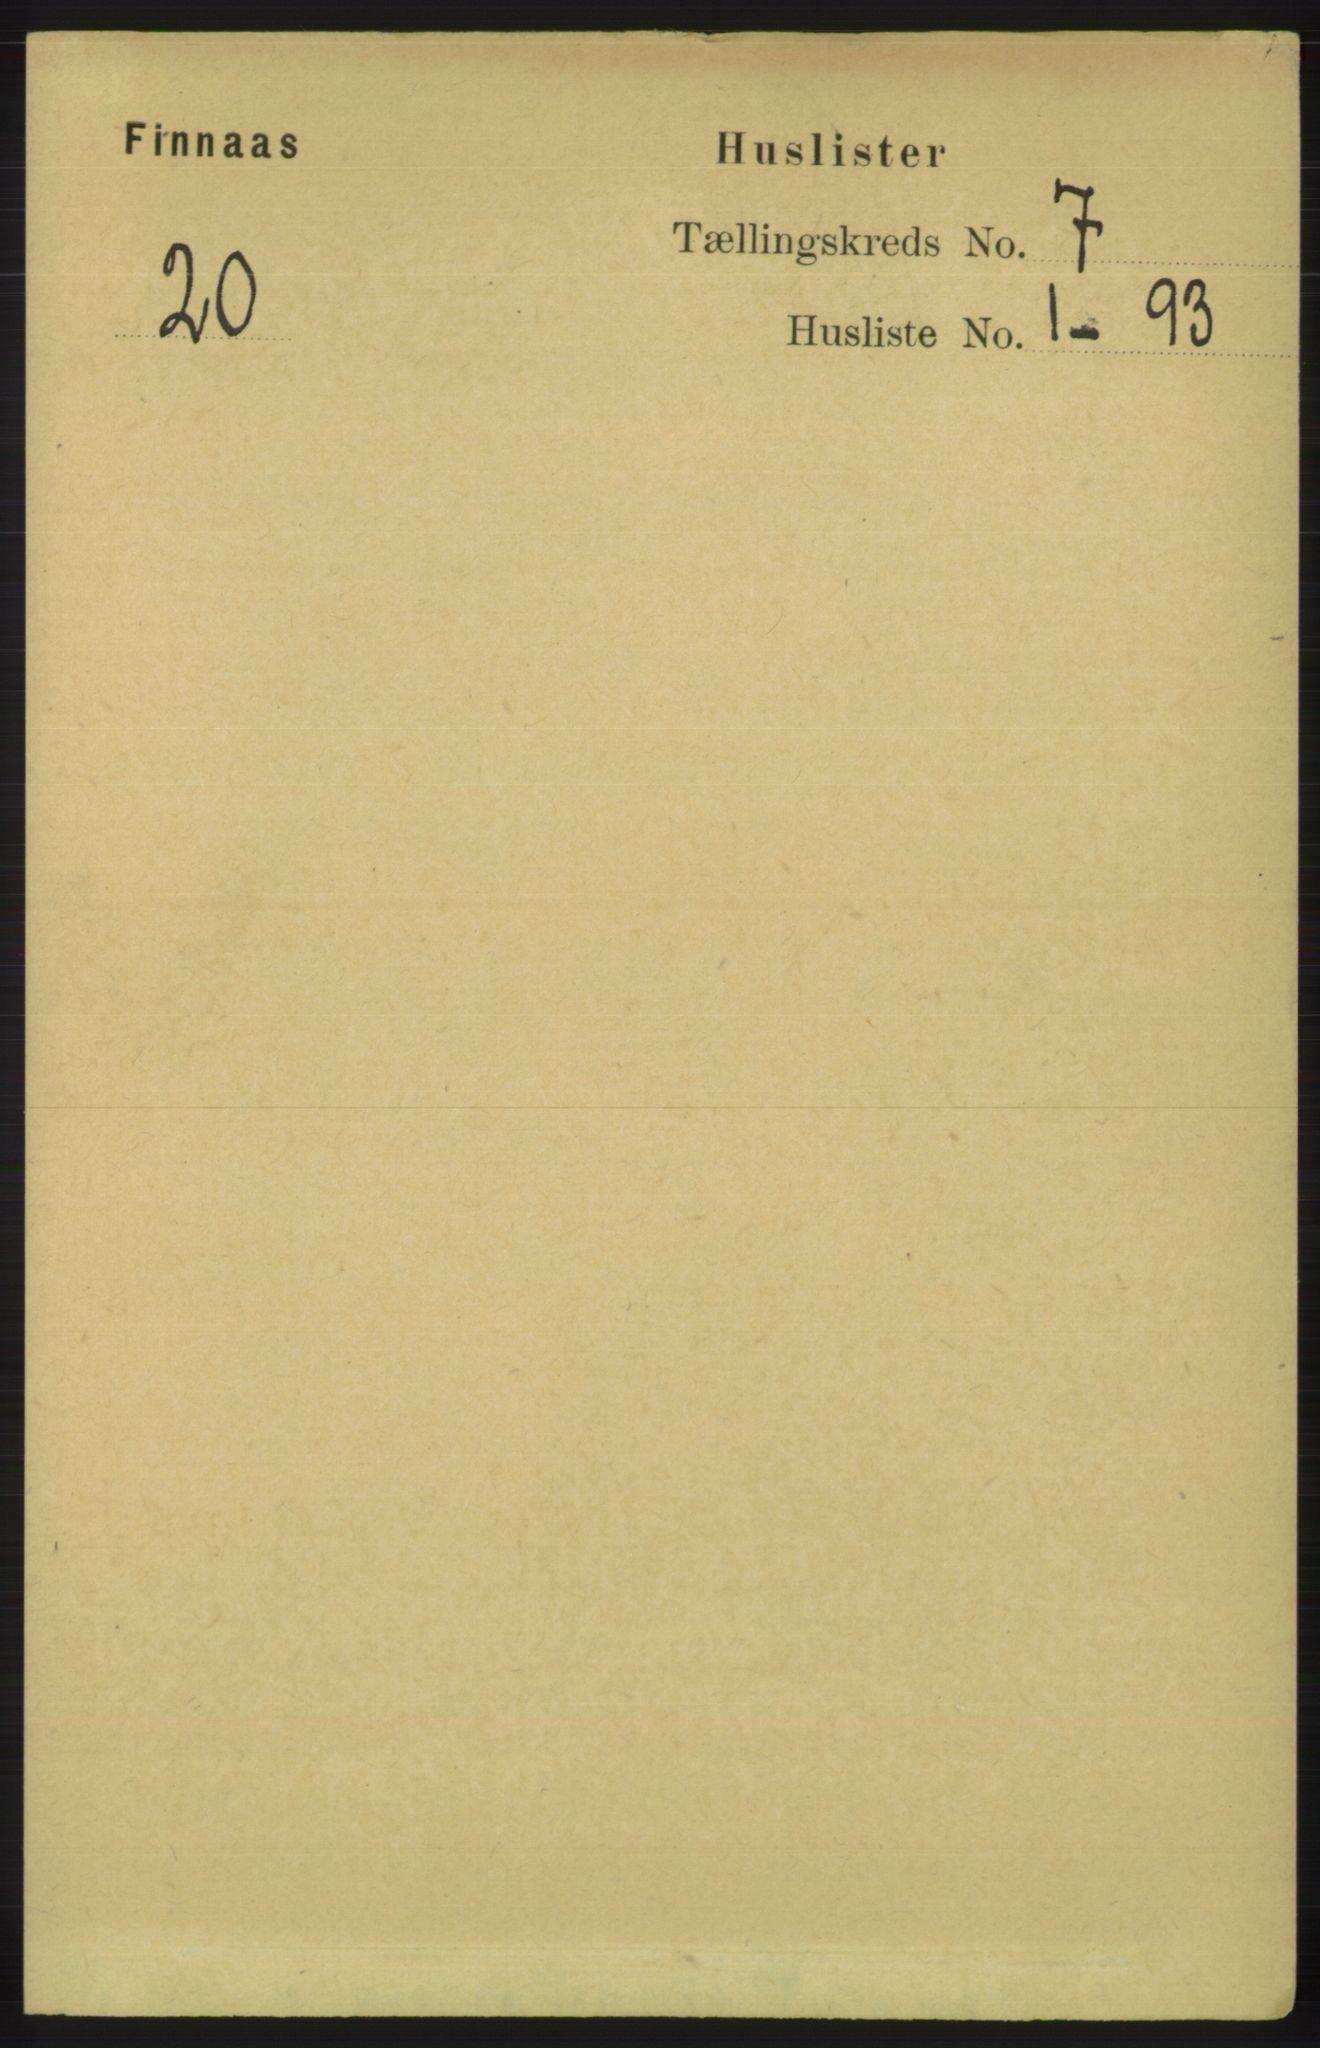 RA, Folketelling 1891 for 1218 Finnås herred, 1891, s. 2539